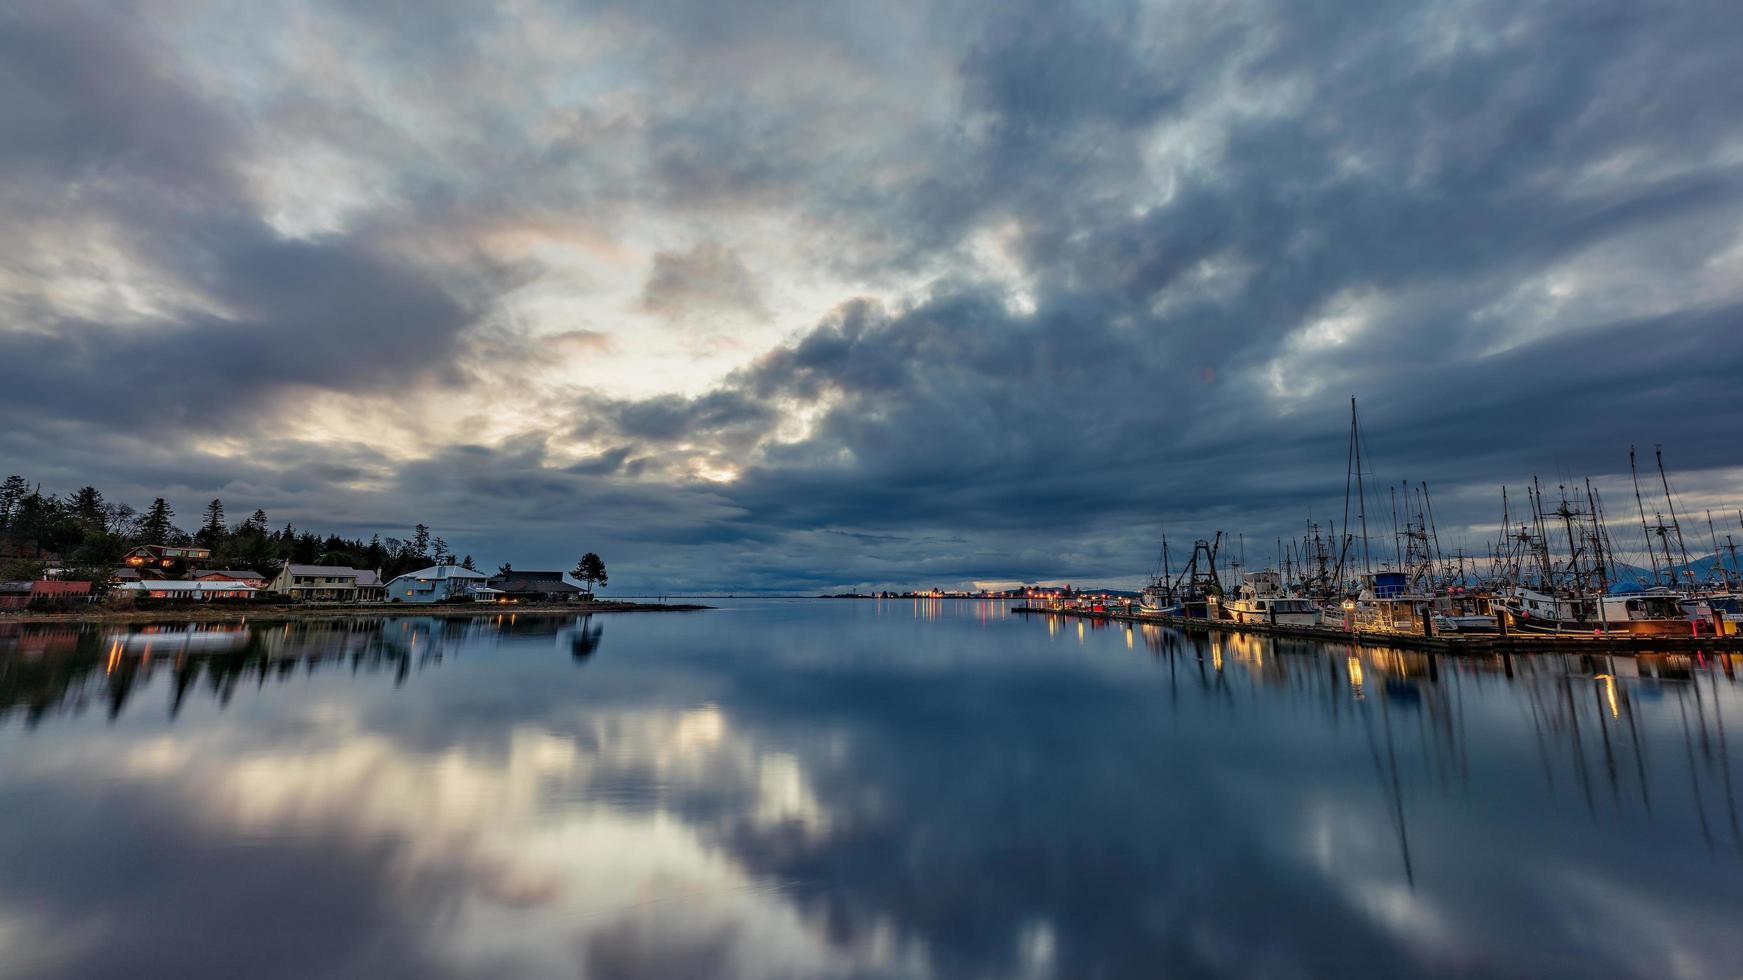 vattenmassa under molnig himmel foto